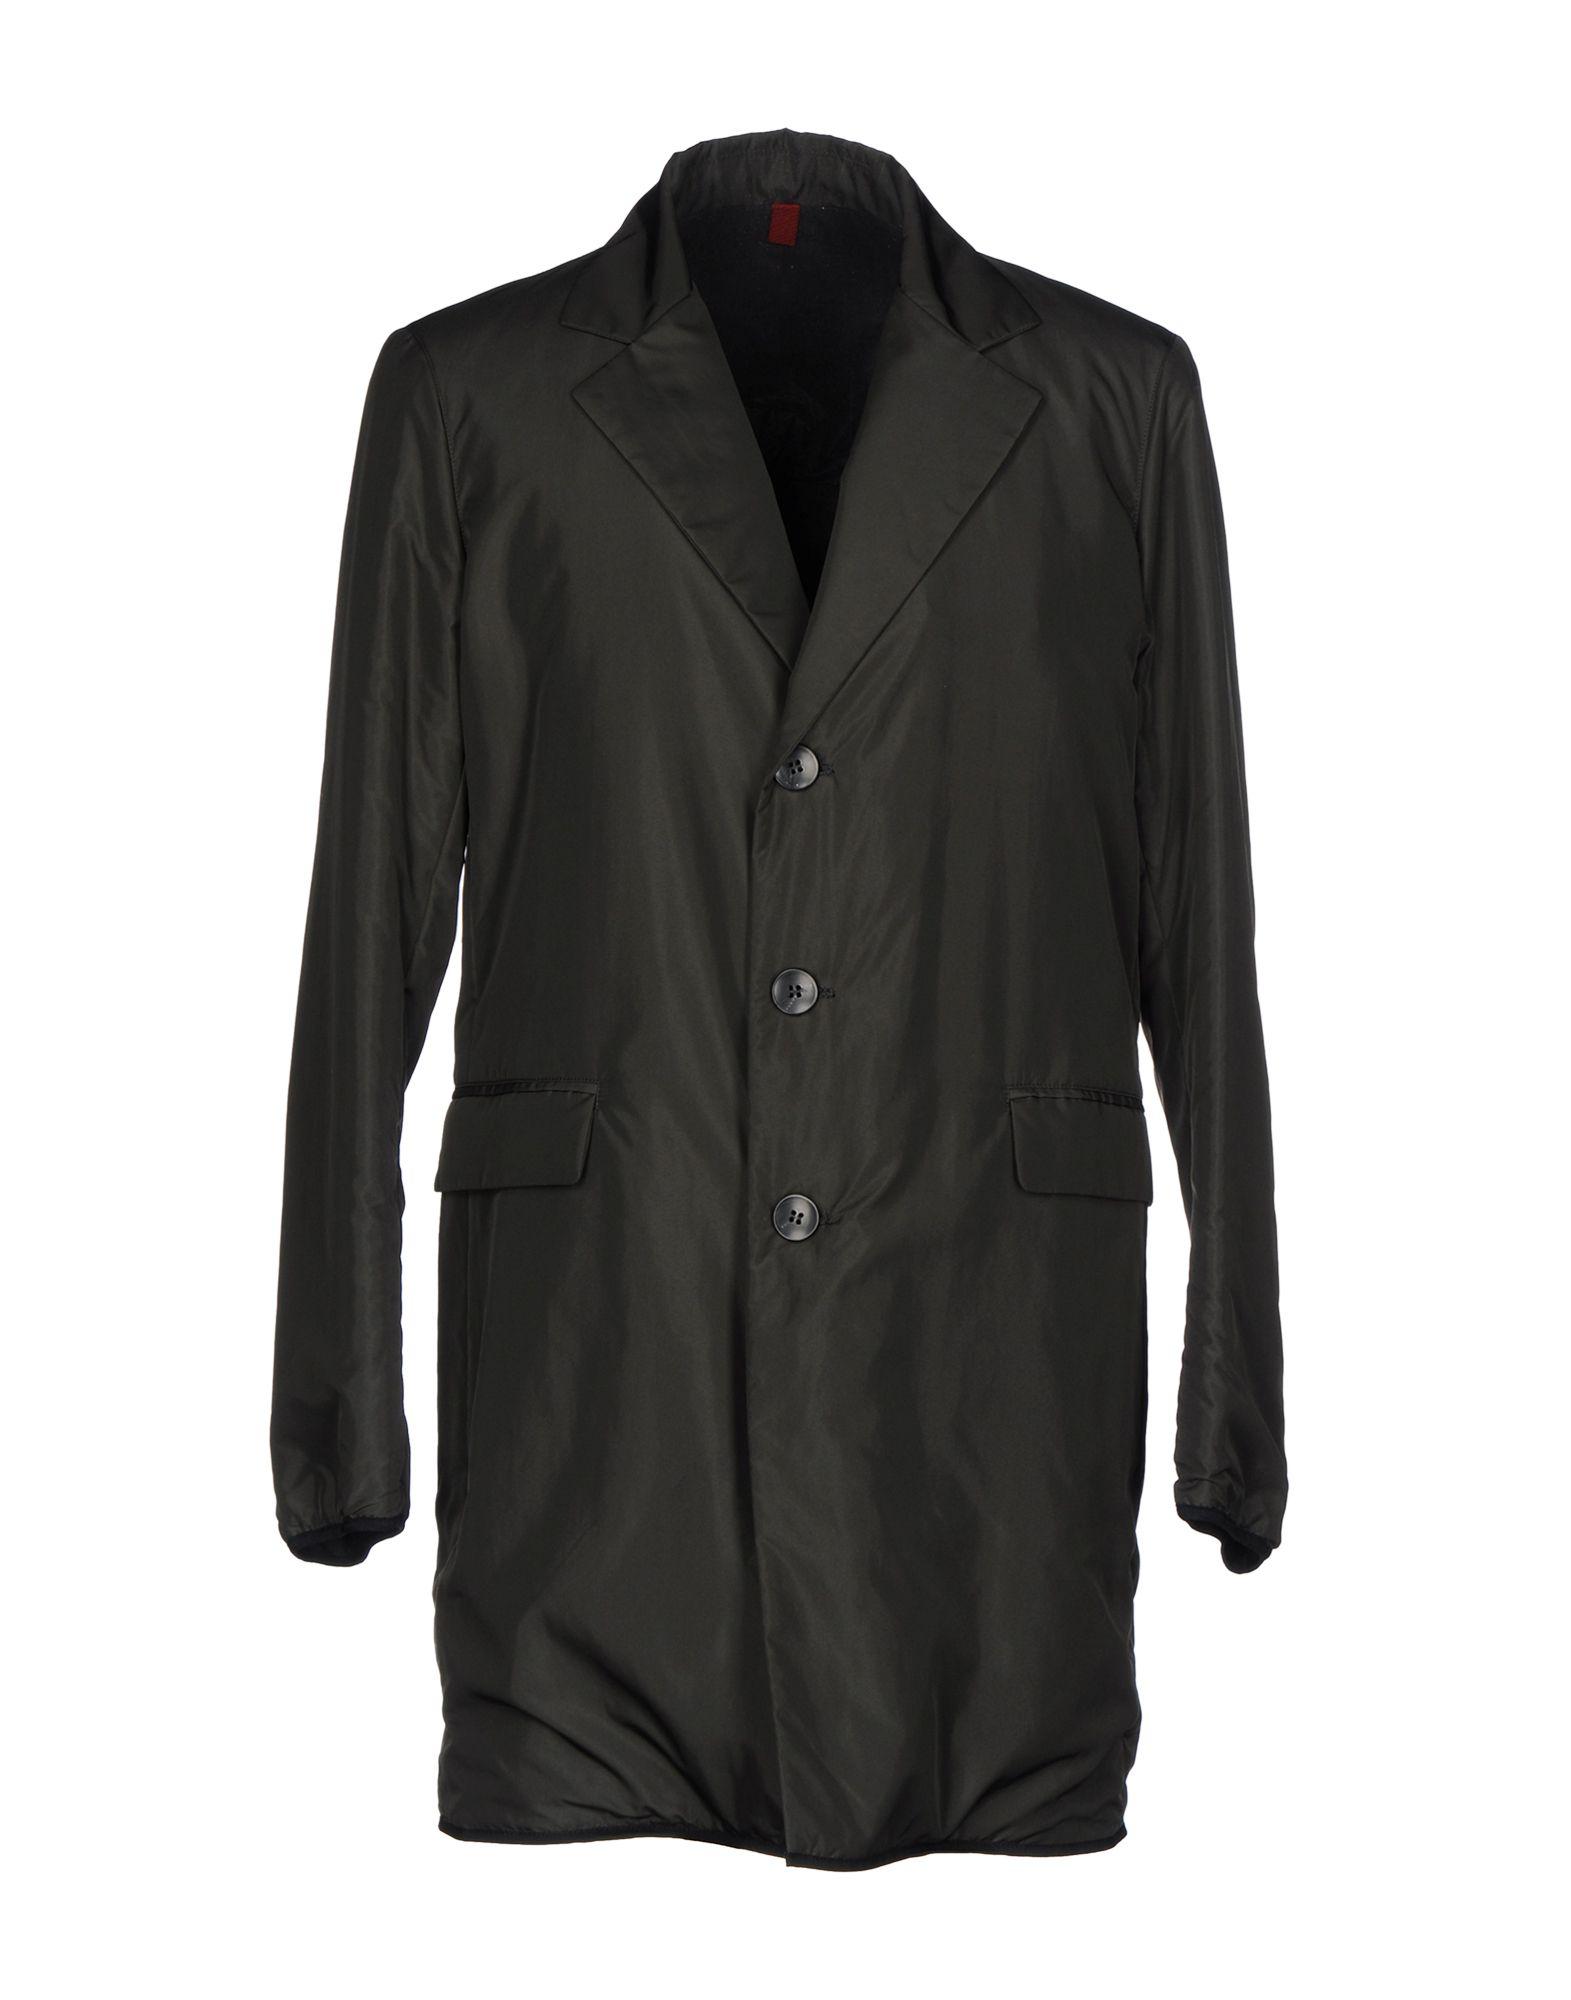 hōsio джинсовая верхняя одежда HōSIO Легкое пальто